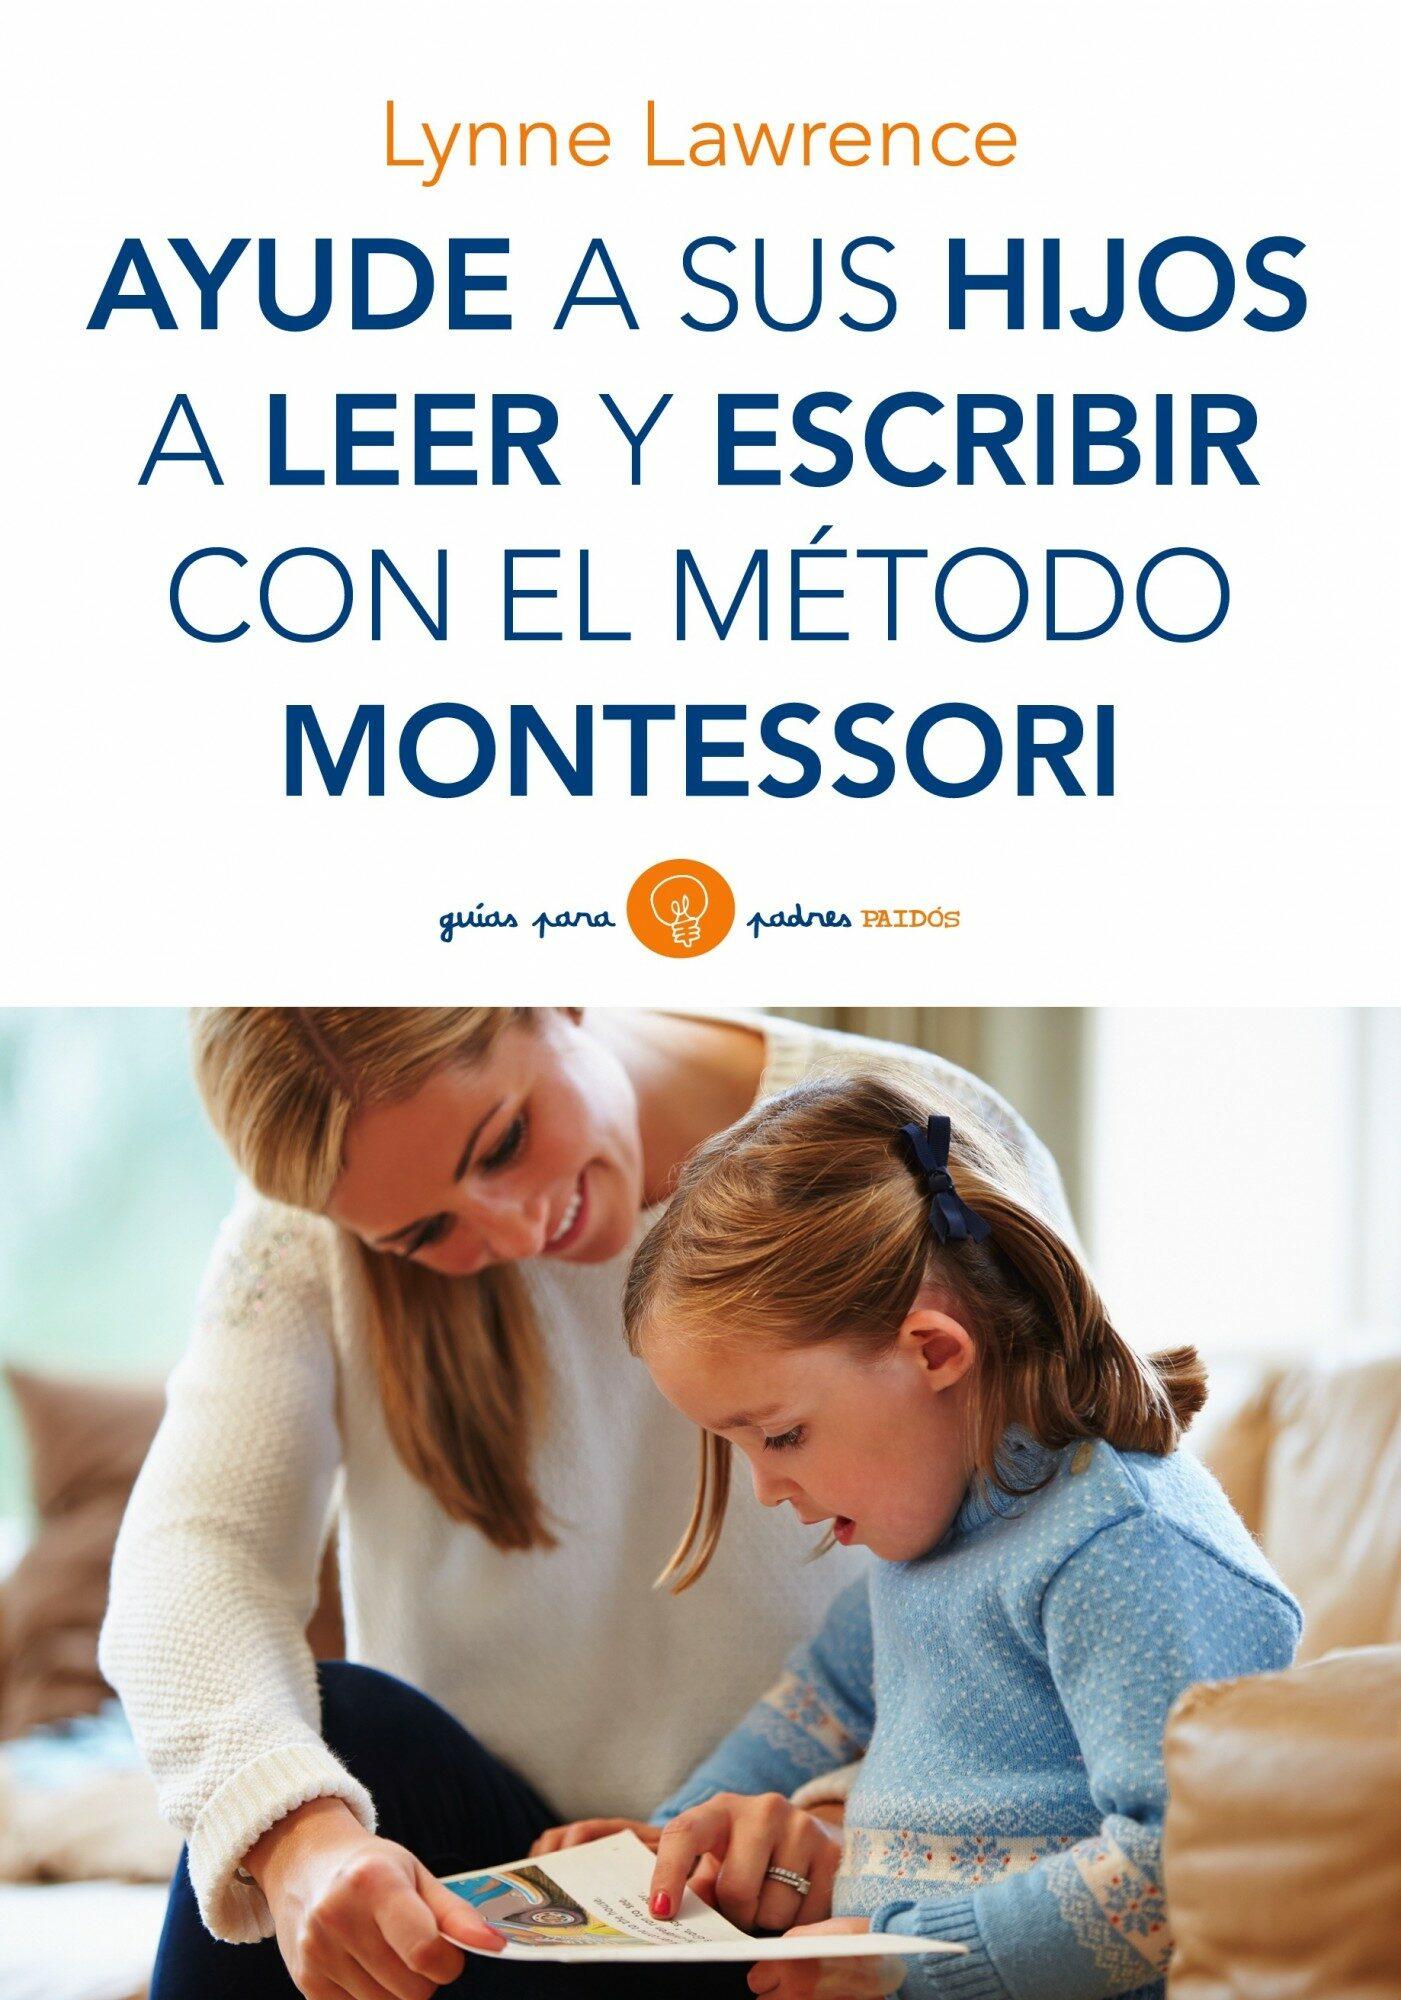 Ayude A Sus Hijos A Leer Y Escribir Con El Metodo Montessori por Lynne Lawrence